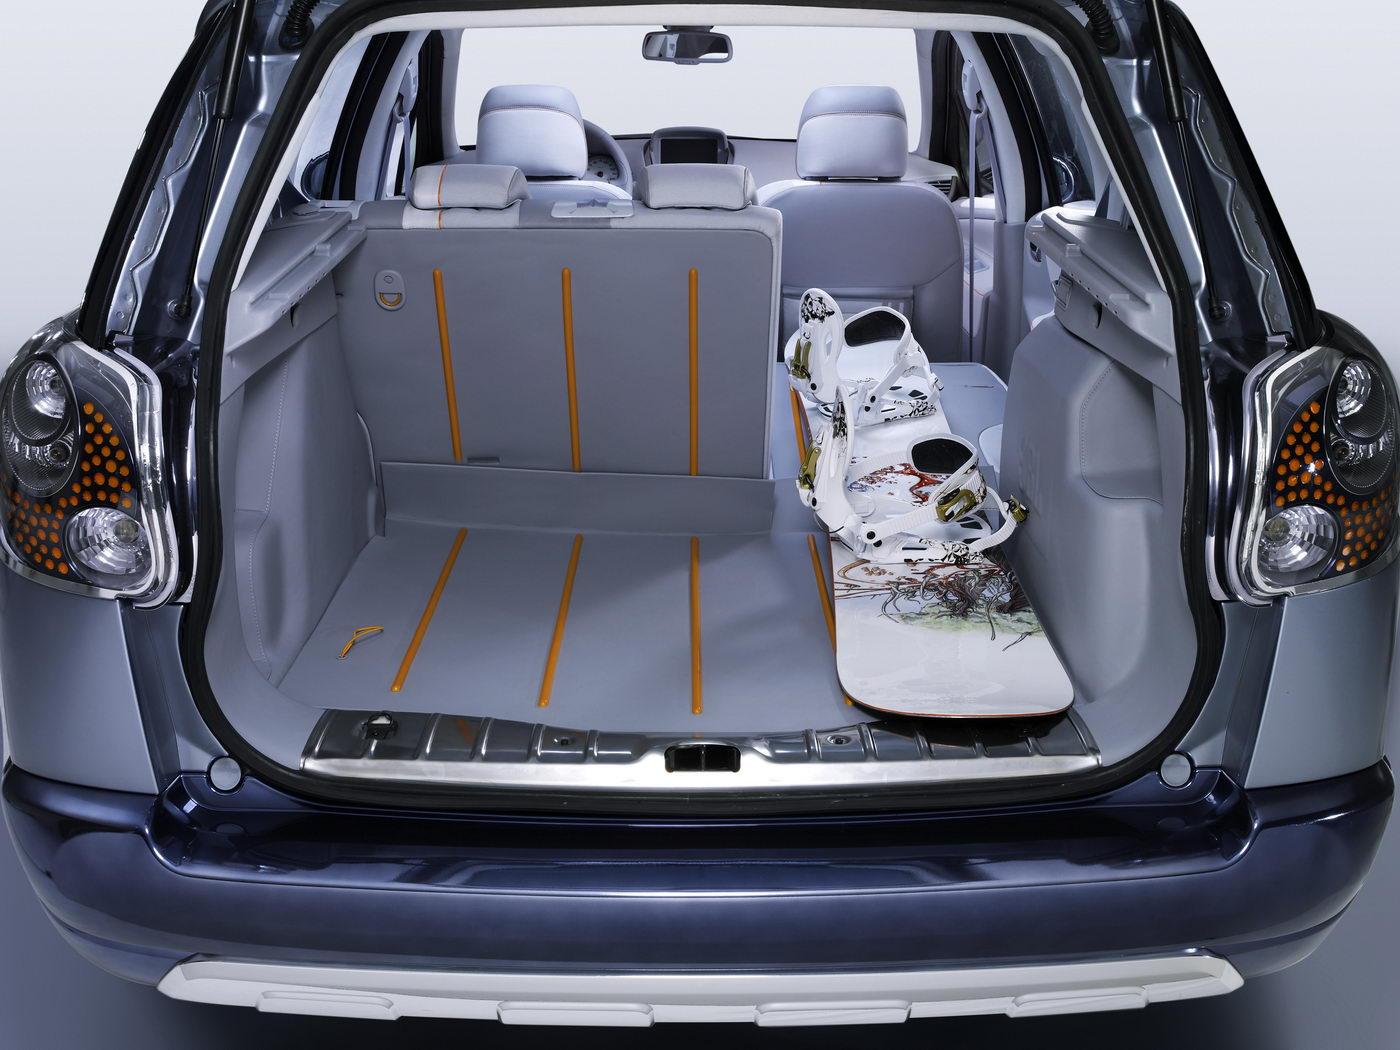 Carscoop peugeot 207swoutdoor 3 Geneva Preview: Peugeot 207 SW Outdoor Concept